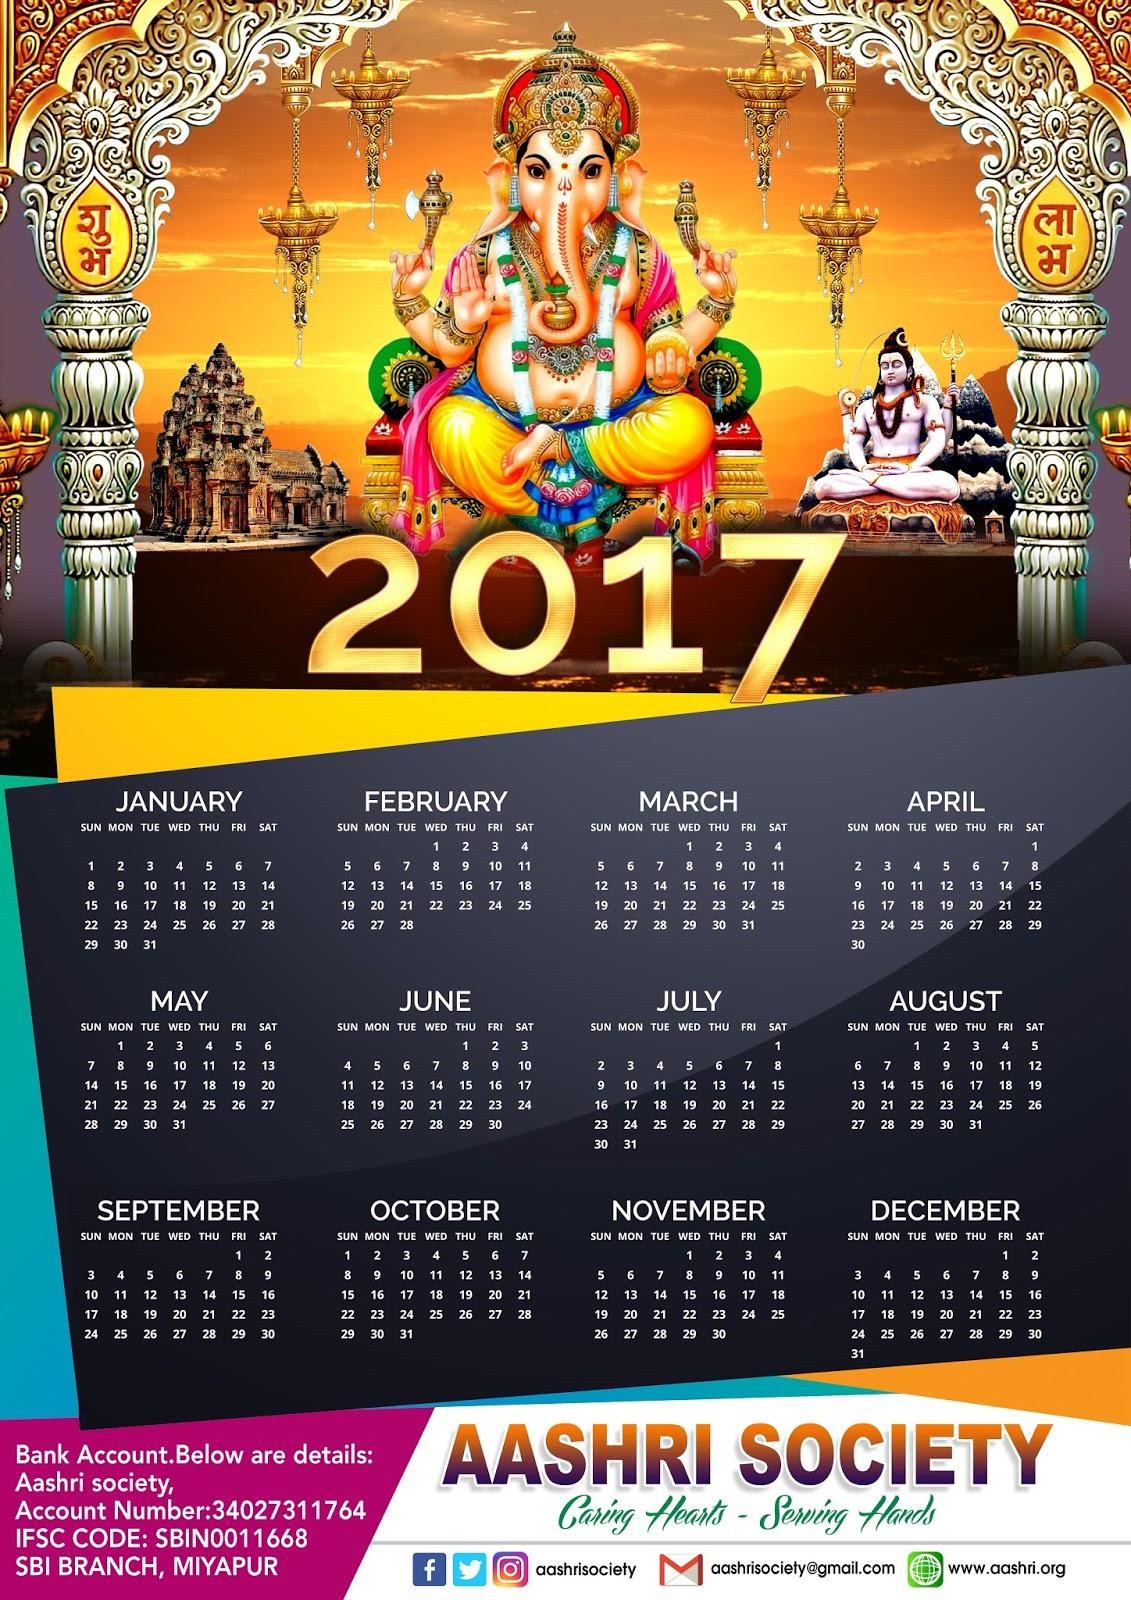 Hindu Calendar Design : Calander design psd template free downloads naveengfx